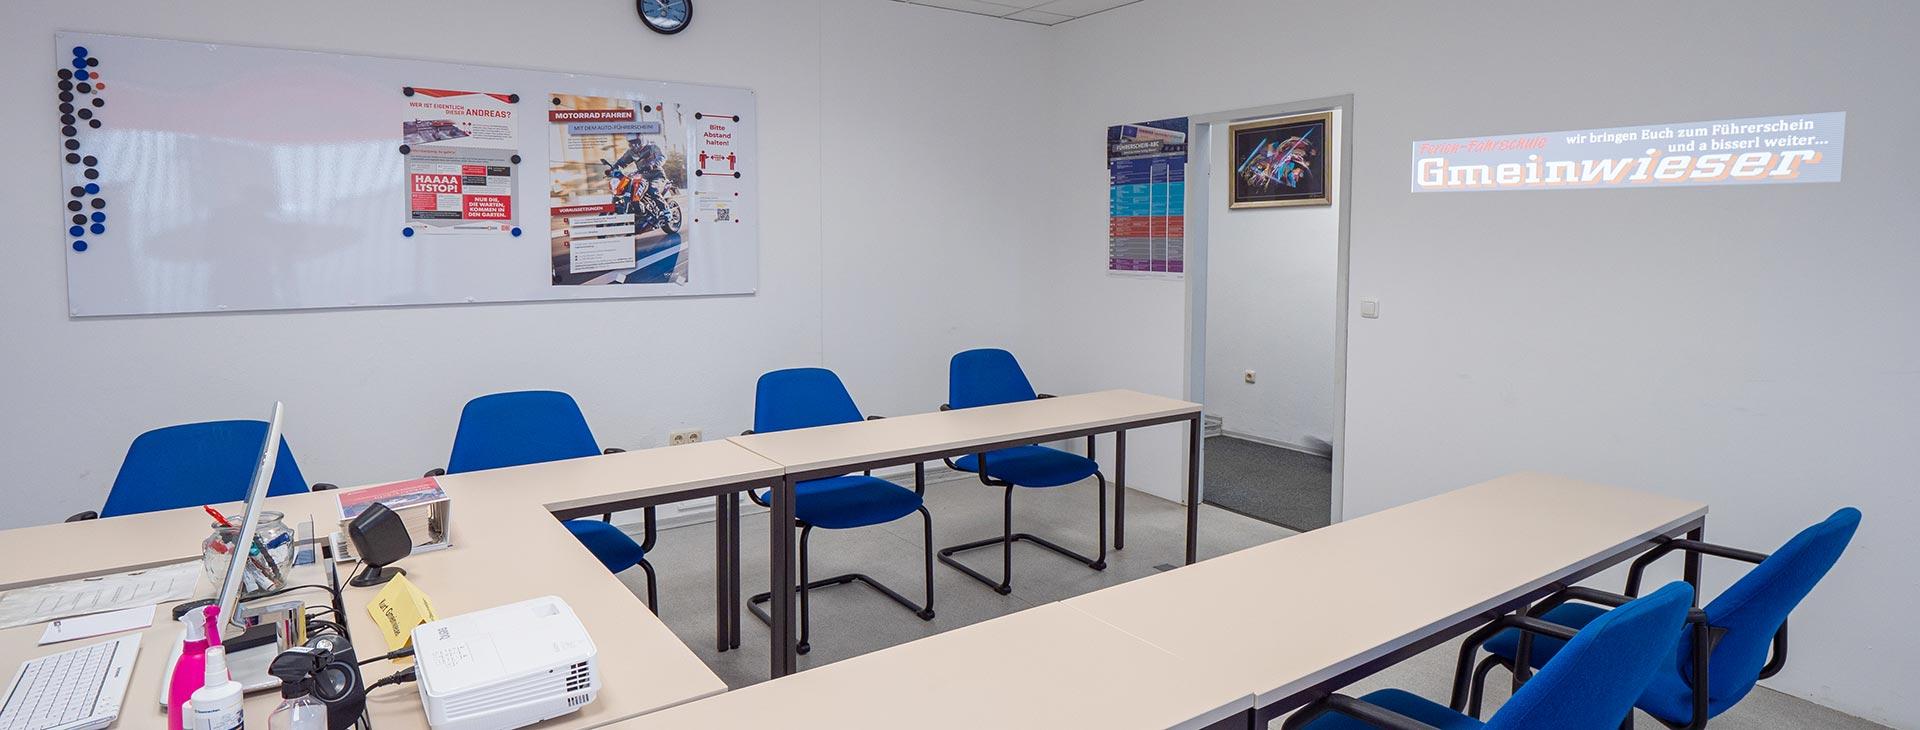 Machen Sie Ihren Führerschein mit der Fahrschule Gmeinwieser in Straubing